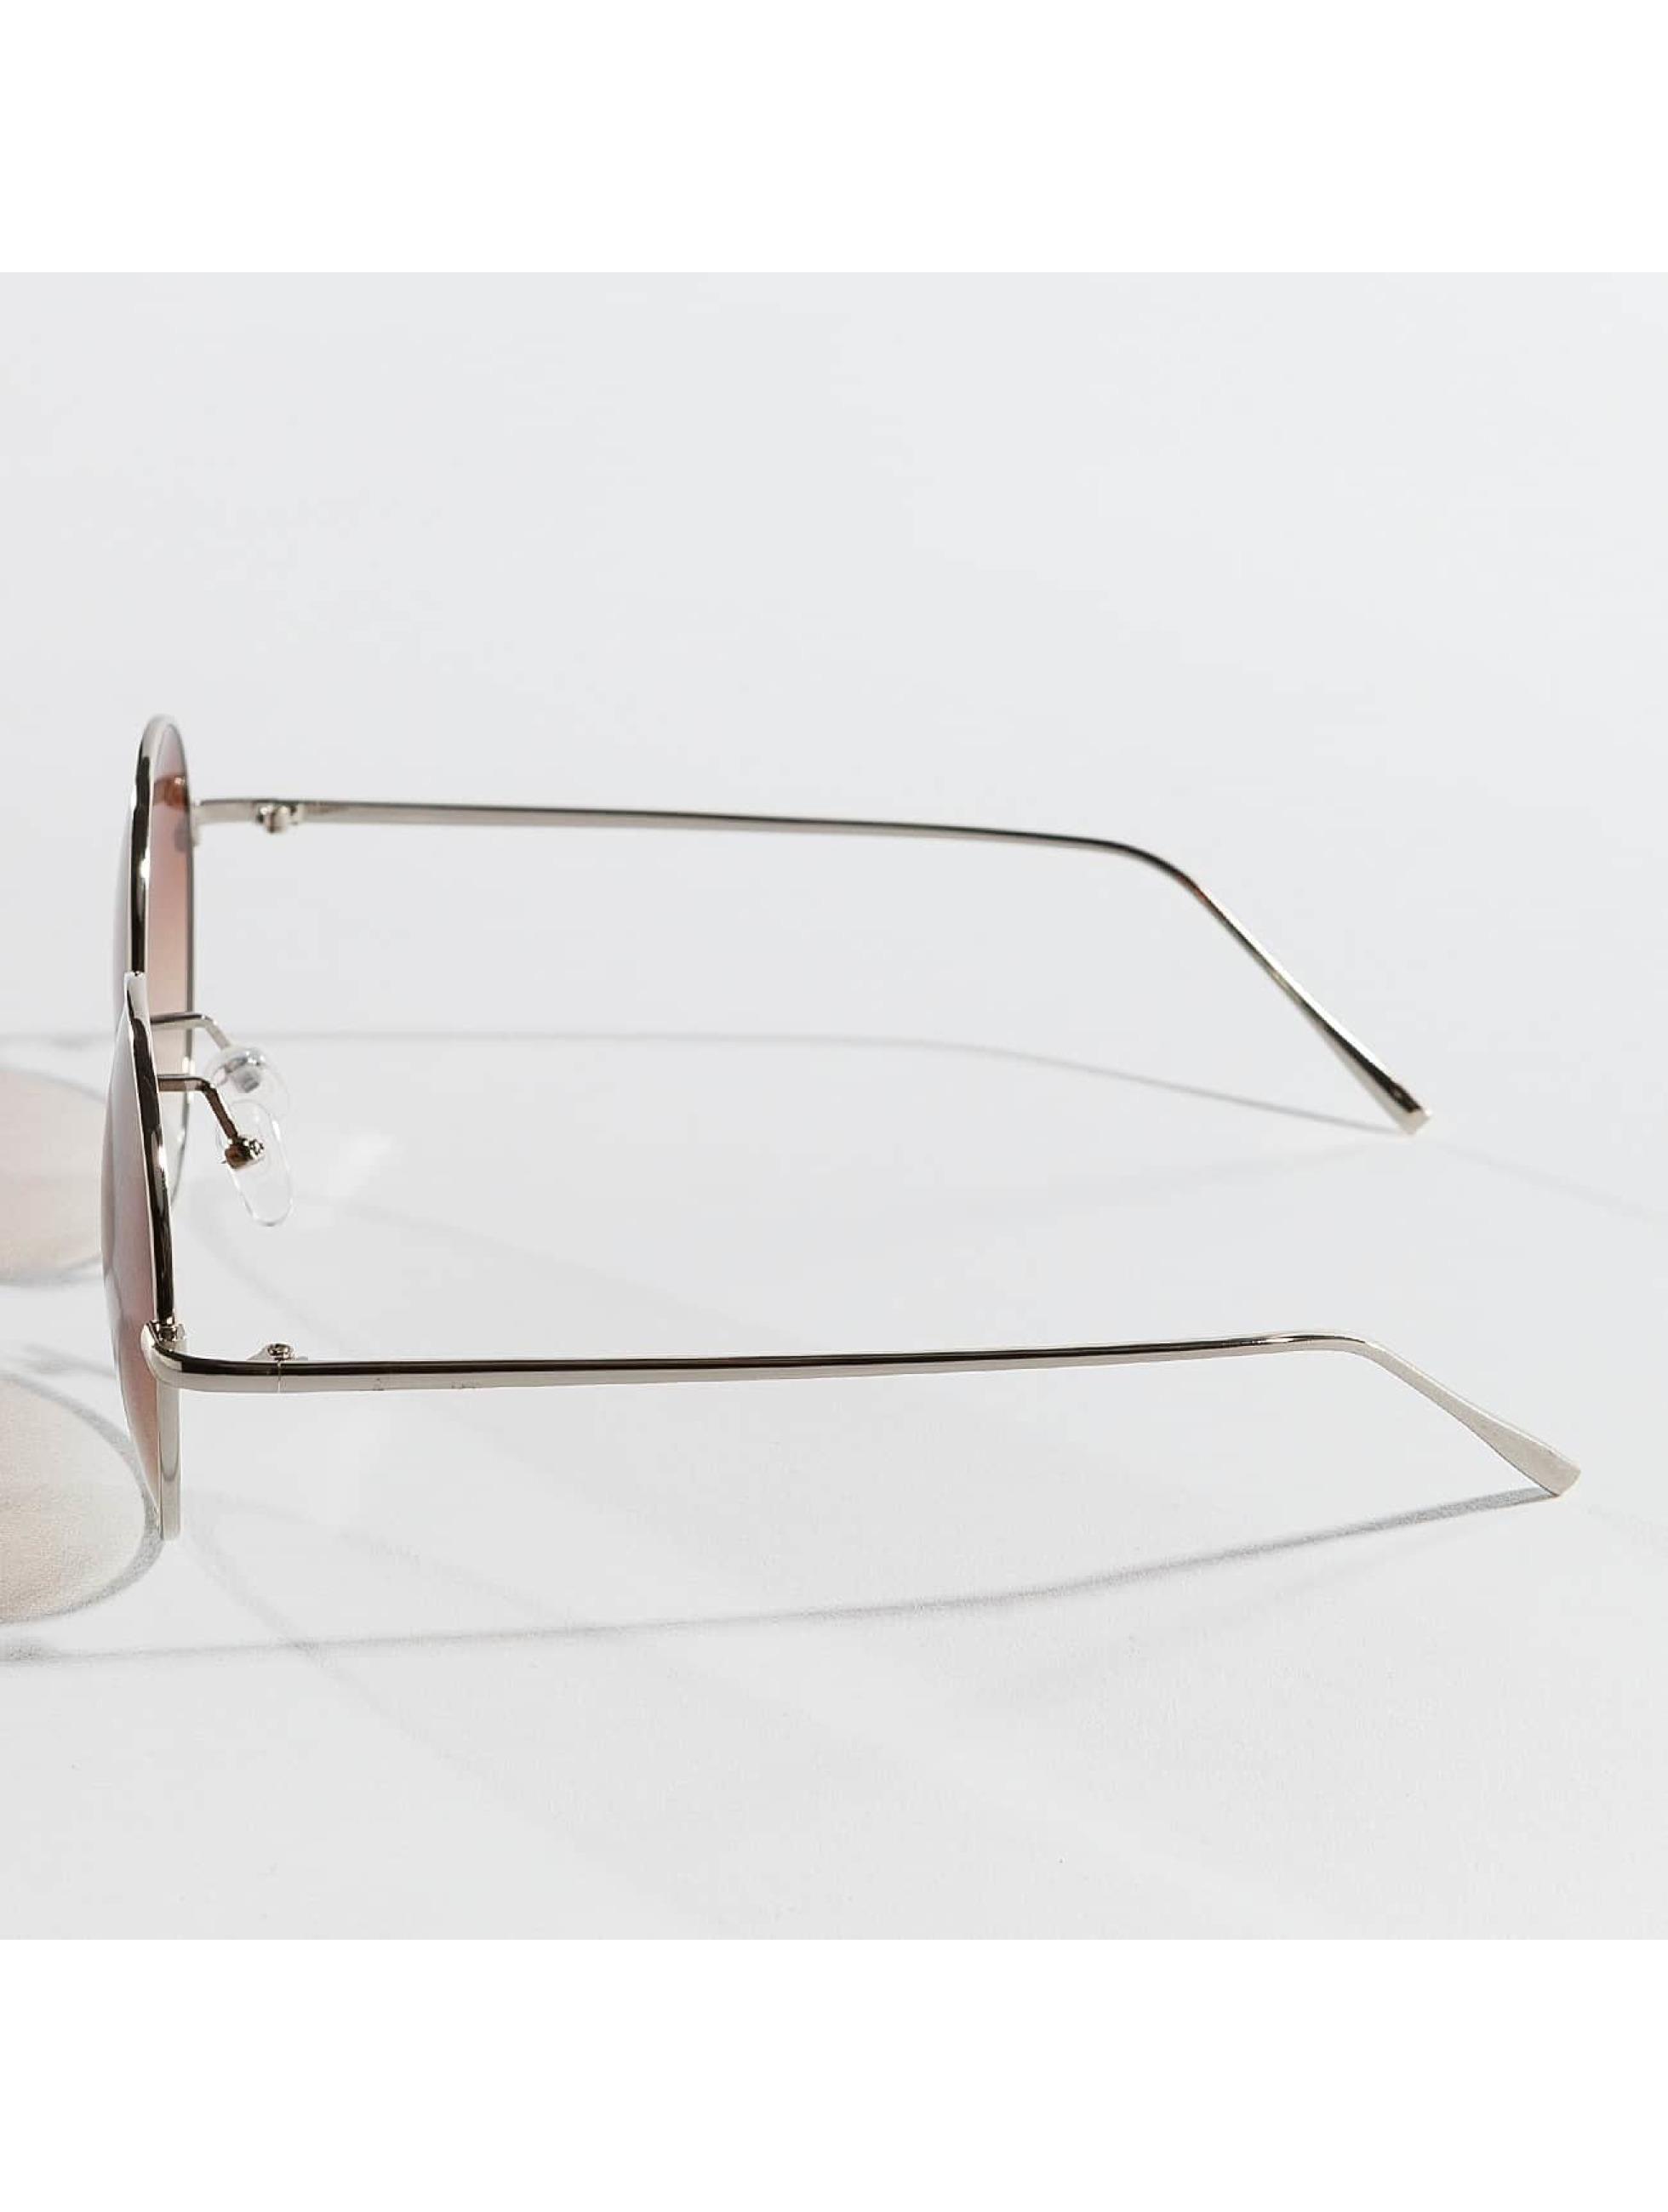 Hailys Sunglasses Luna silver colored